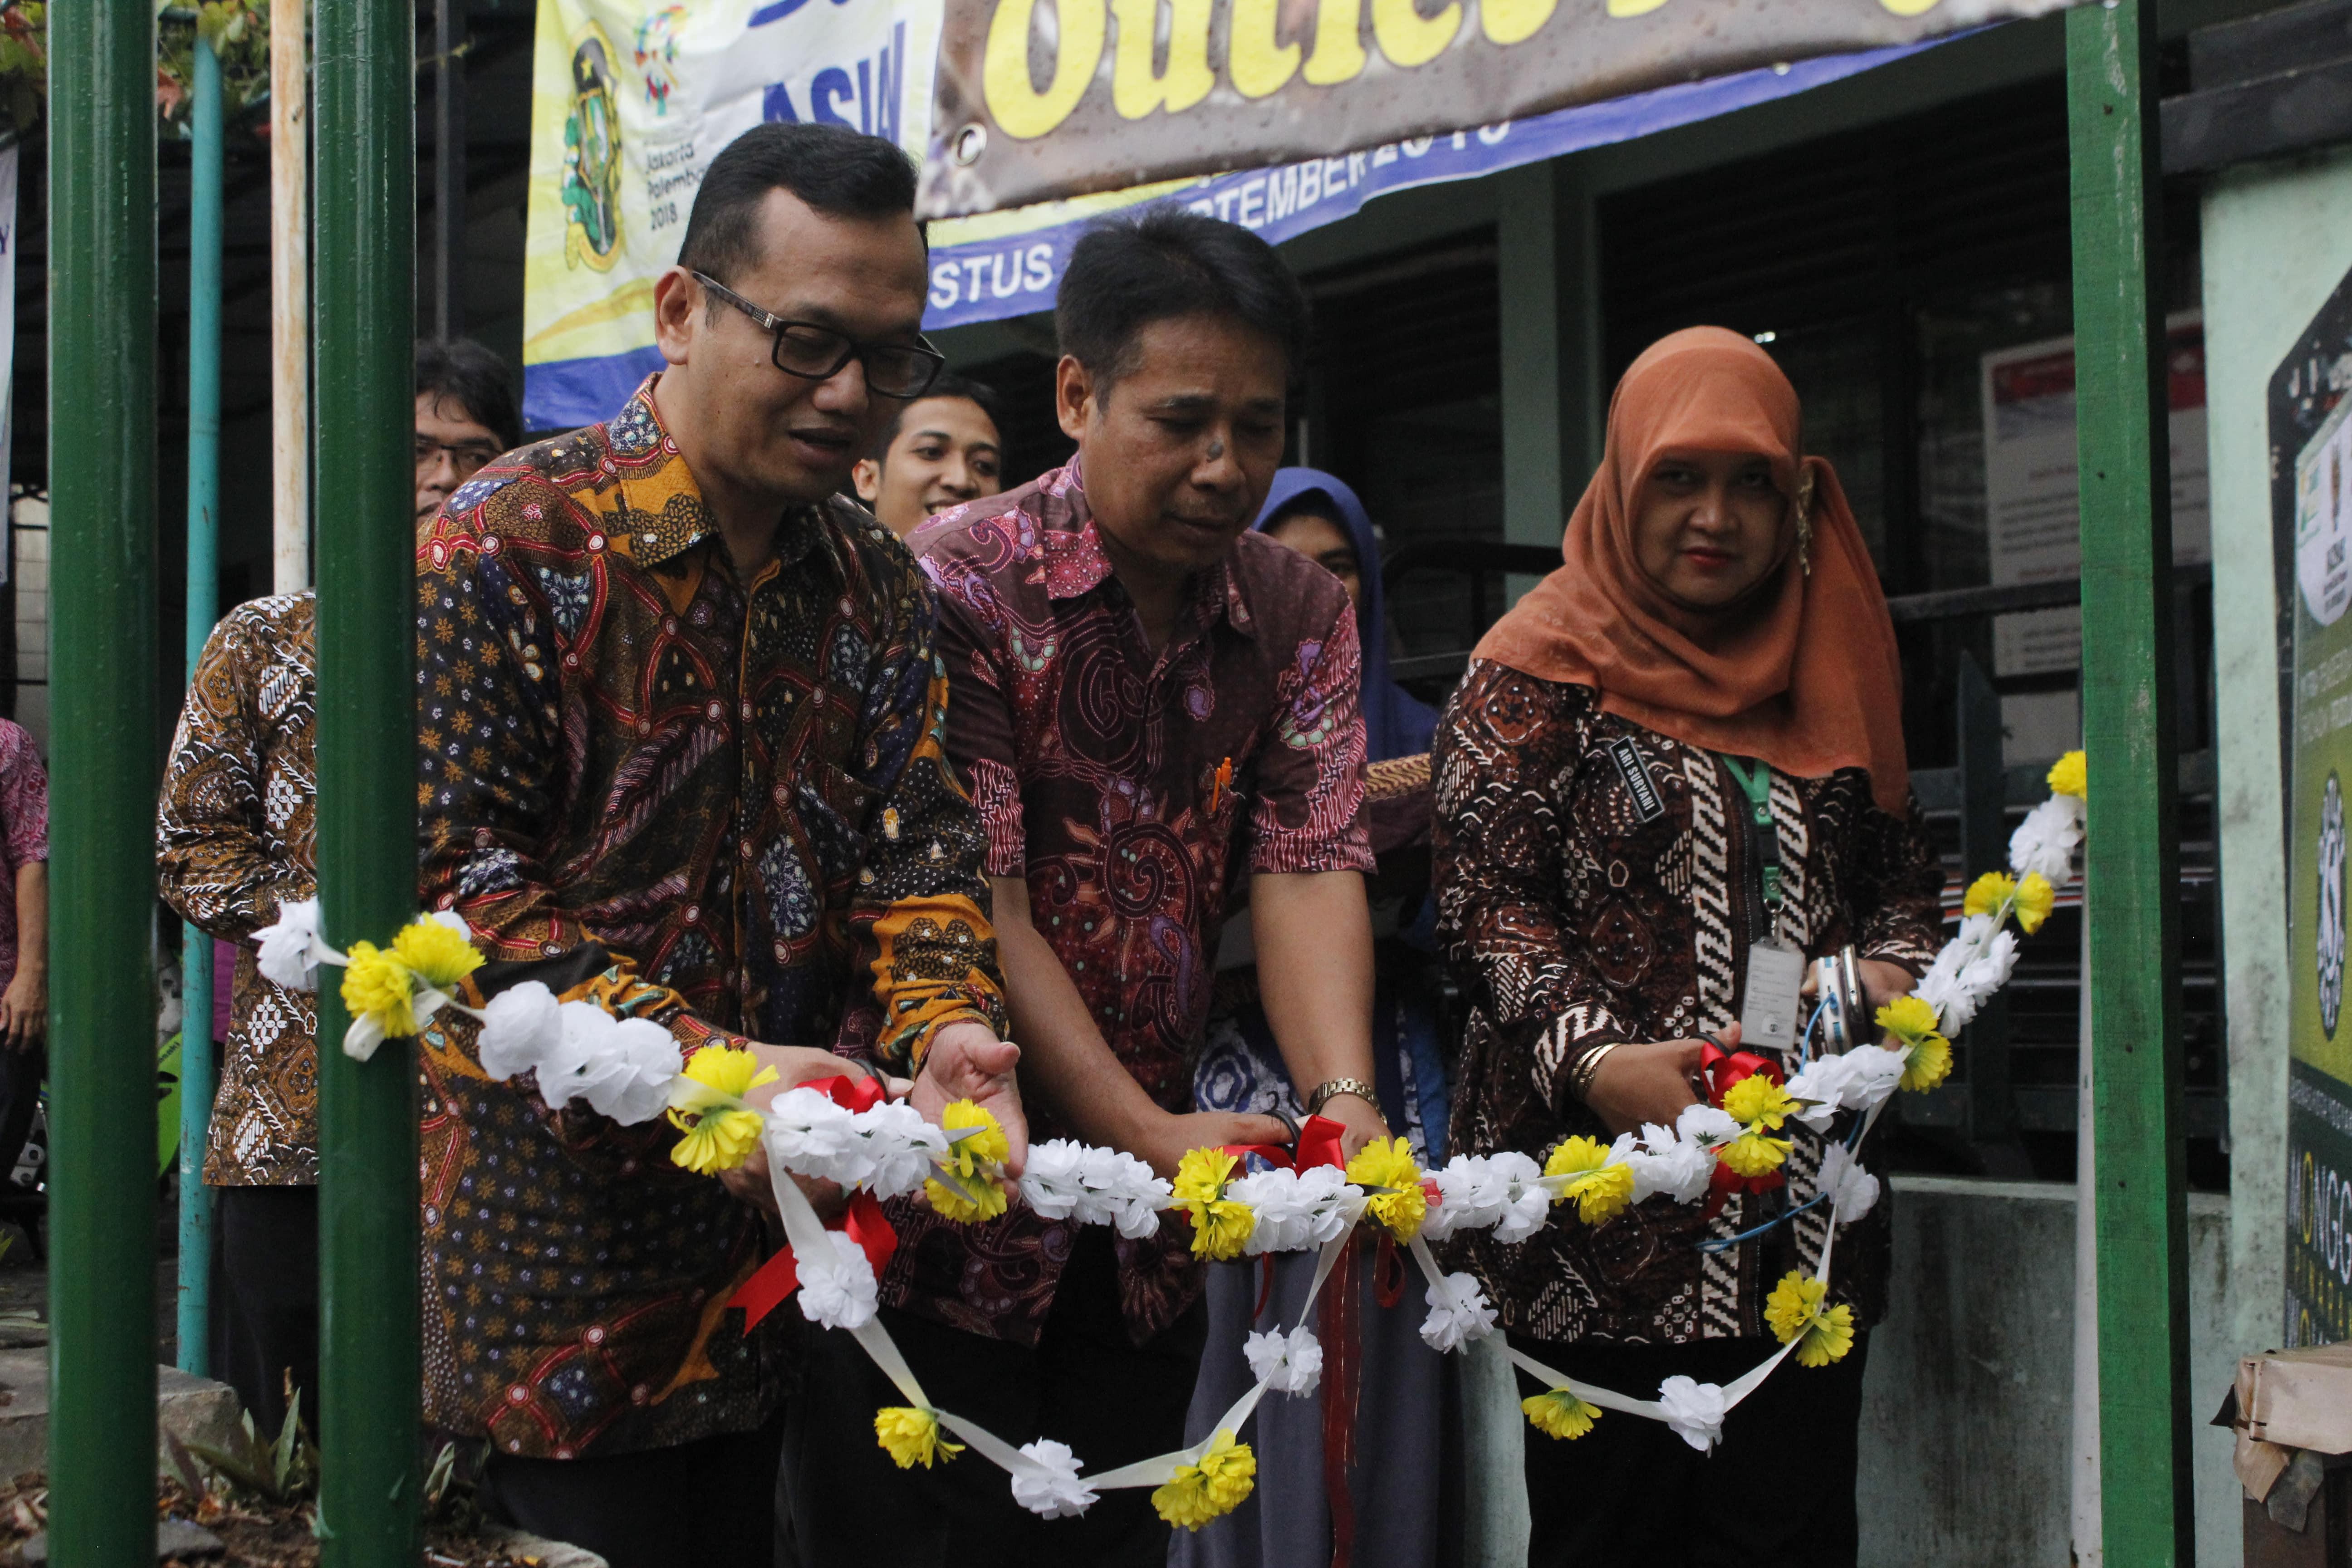 Peresmian WARJOG (Warung Jogja) Program Pemberdayaan Ekonomi Produktif BAZNAS Kota Yogyakarta tahun 2018